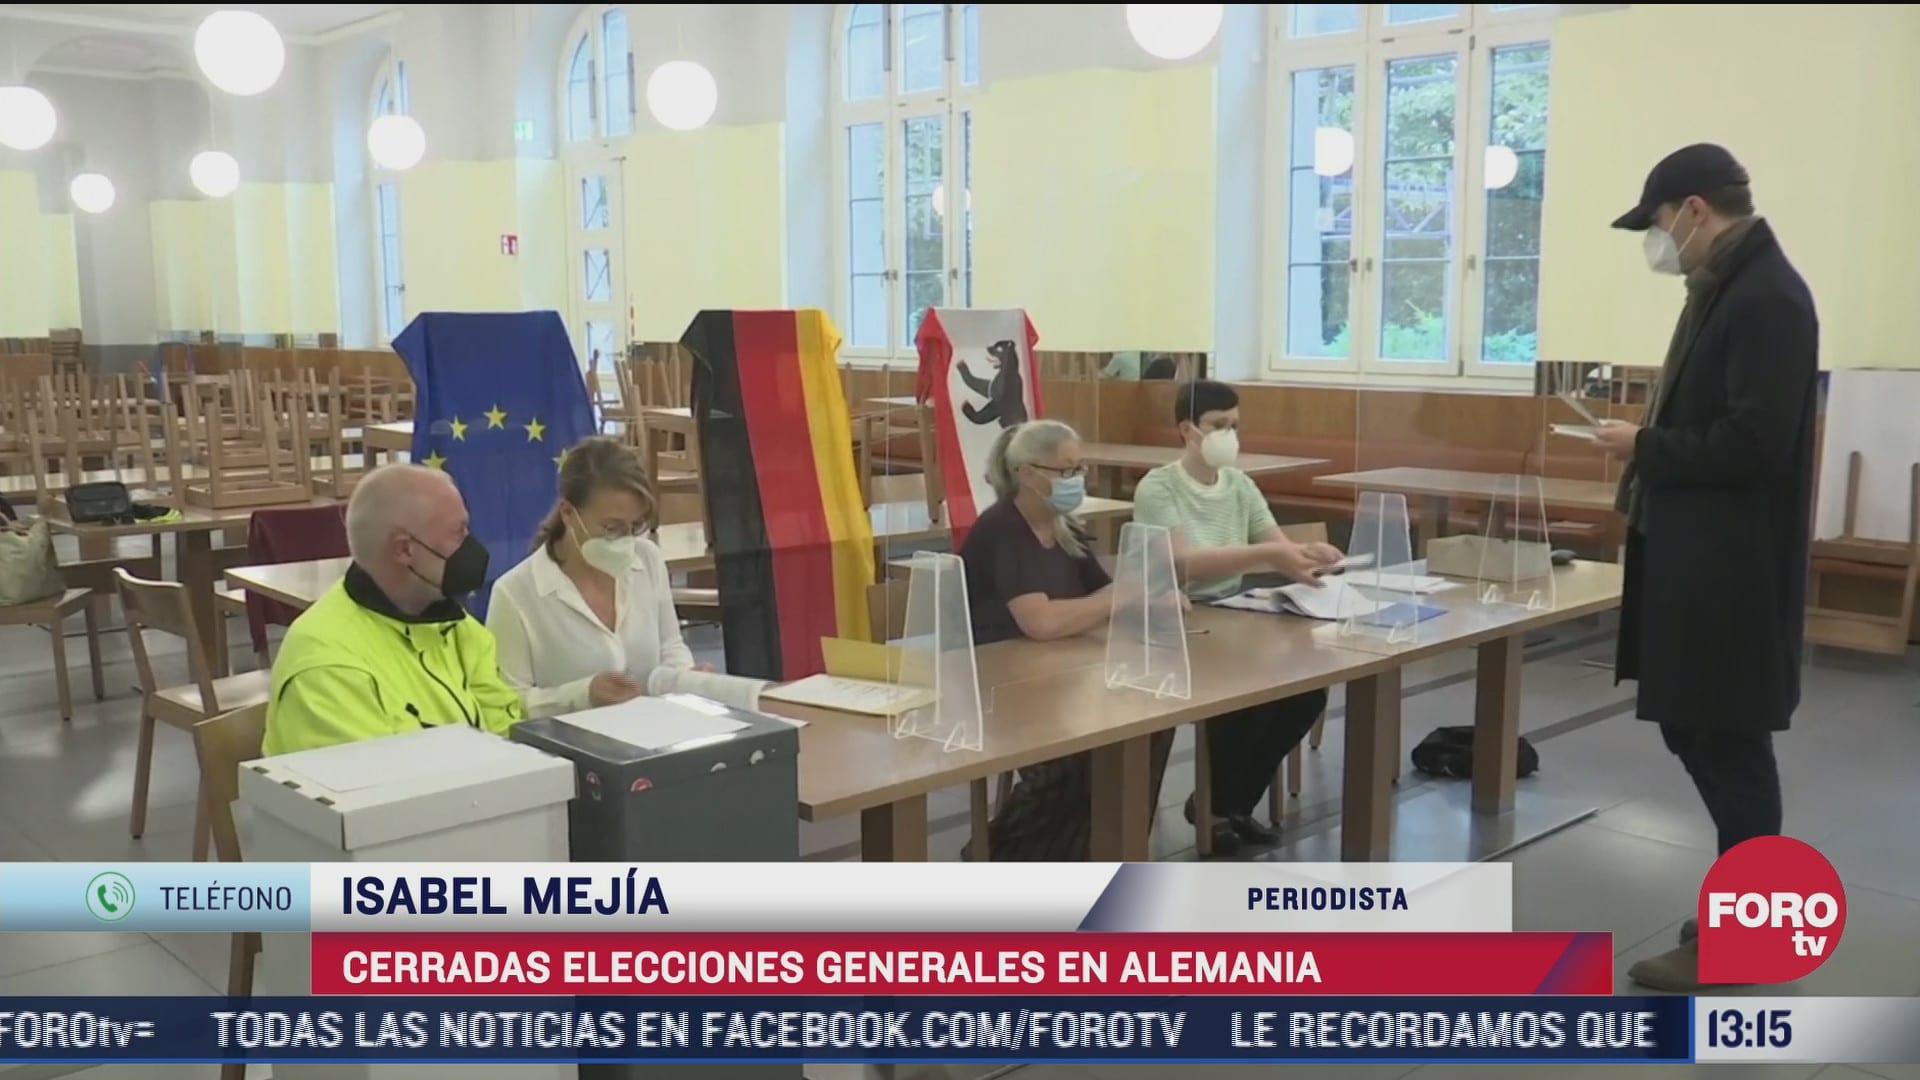 quienes encabezan las elecciones generales en alemania